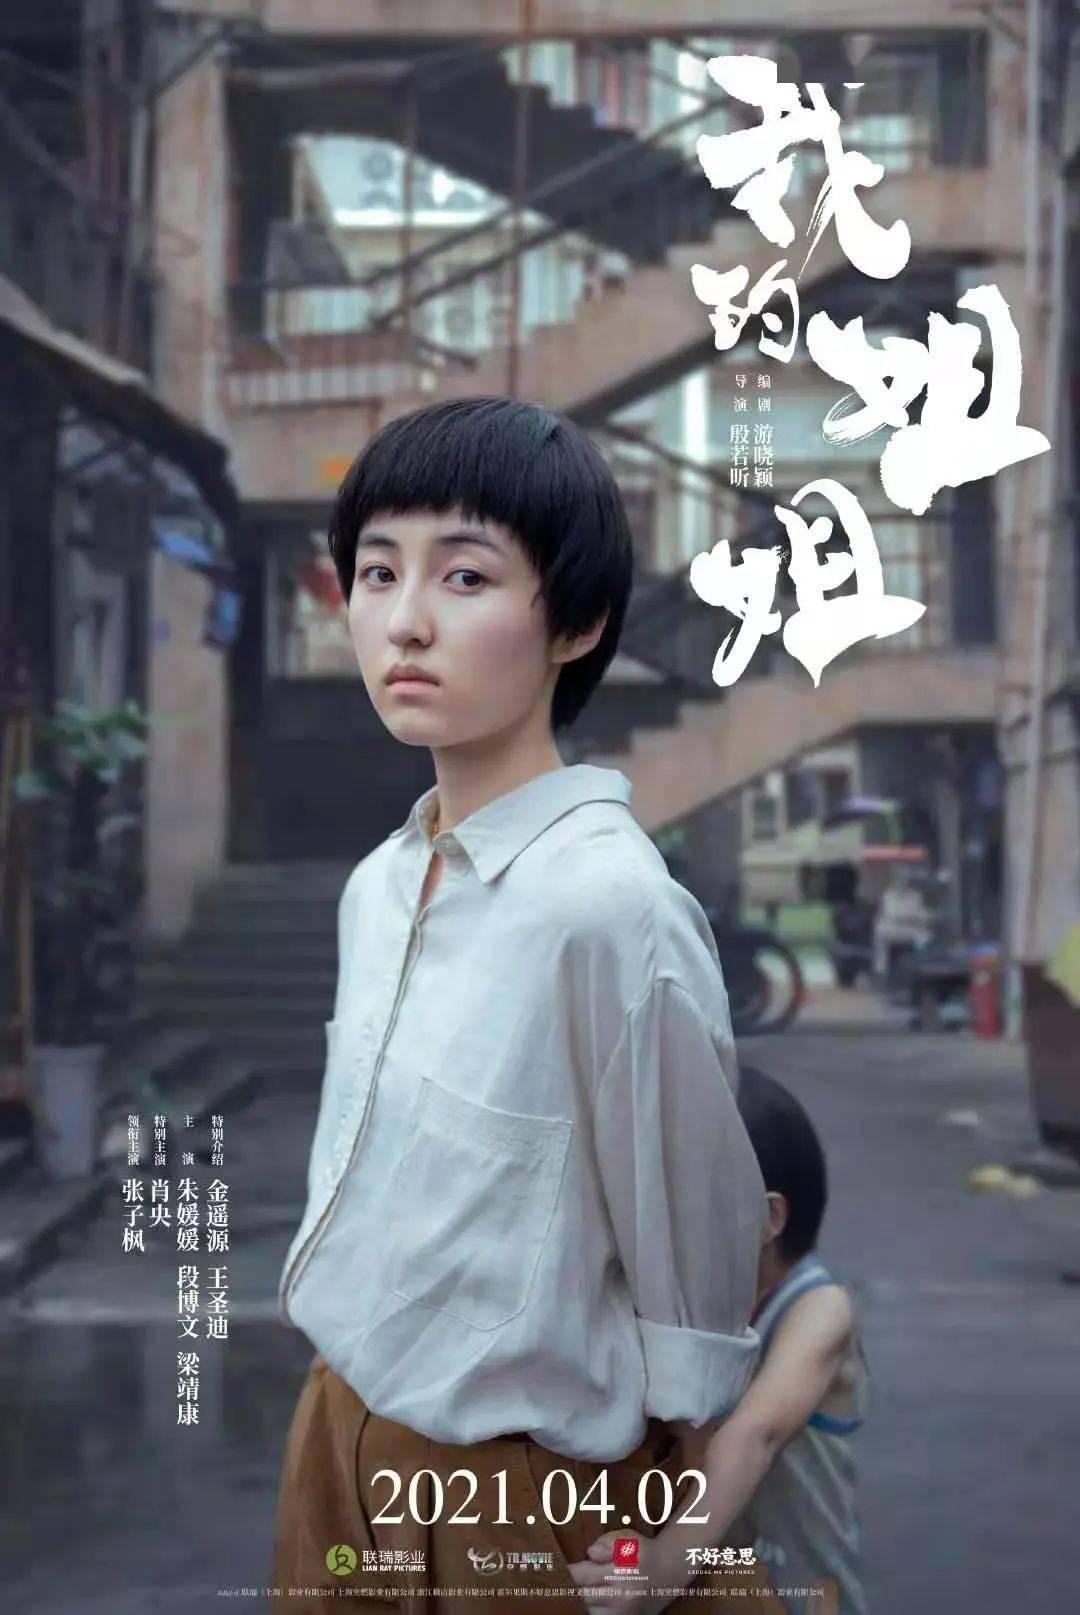 电影《我的姐姐下载》迅雷BT完整下载[1.68GBMp4]高清国语加长版HD1280P-树荣社区